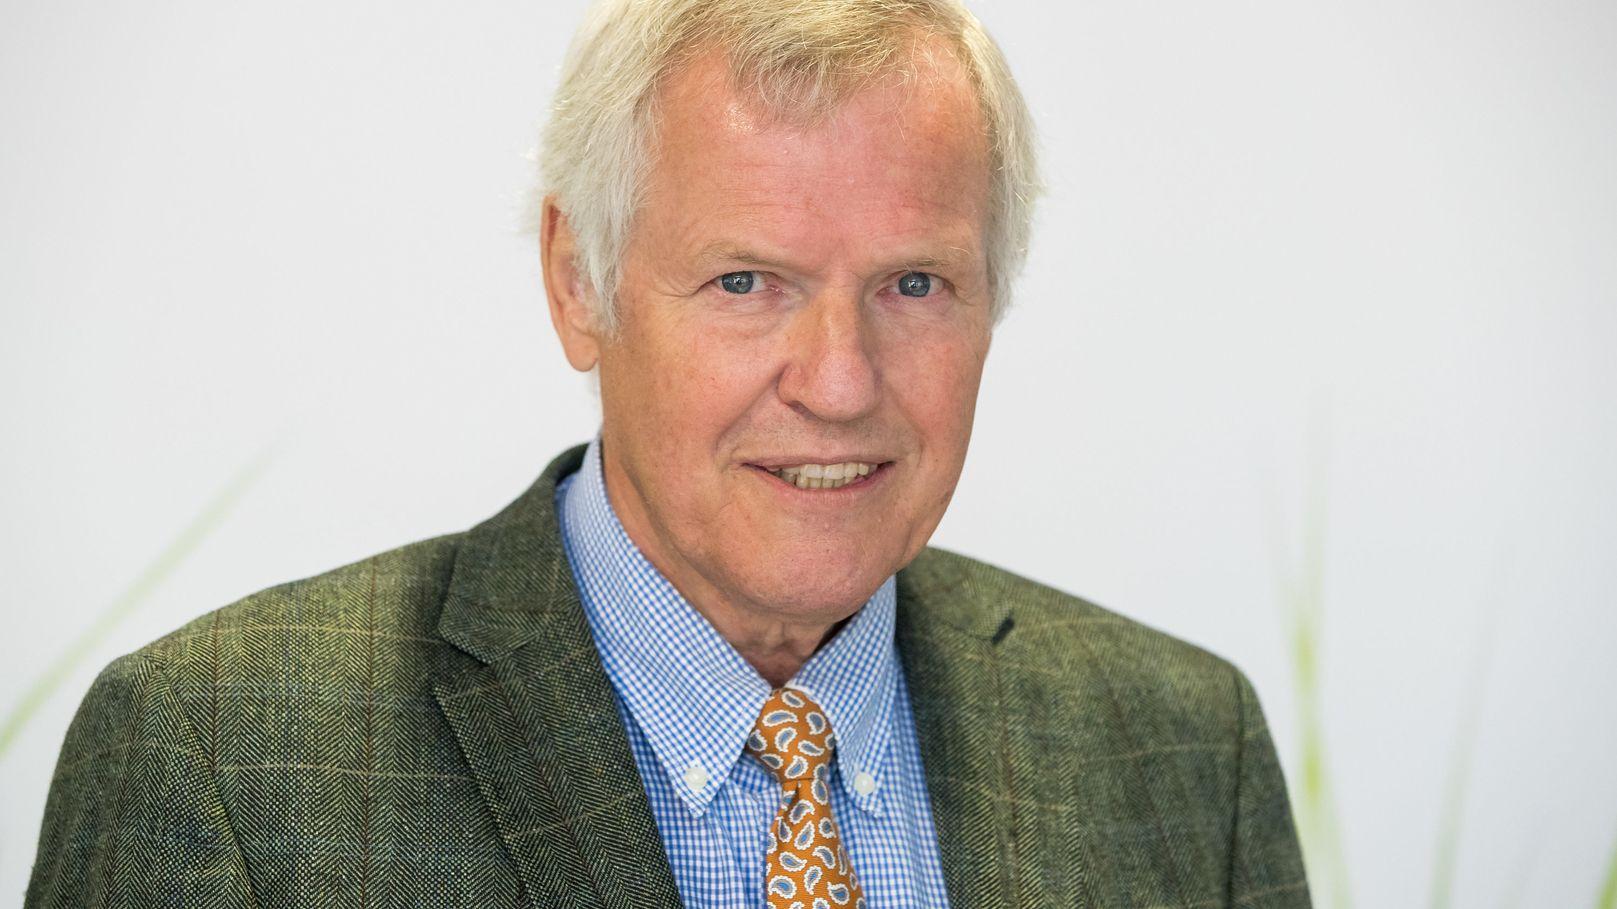 Jürgen Vocke, Präsident des Bayerischen Jagdverbandes (BJV).